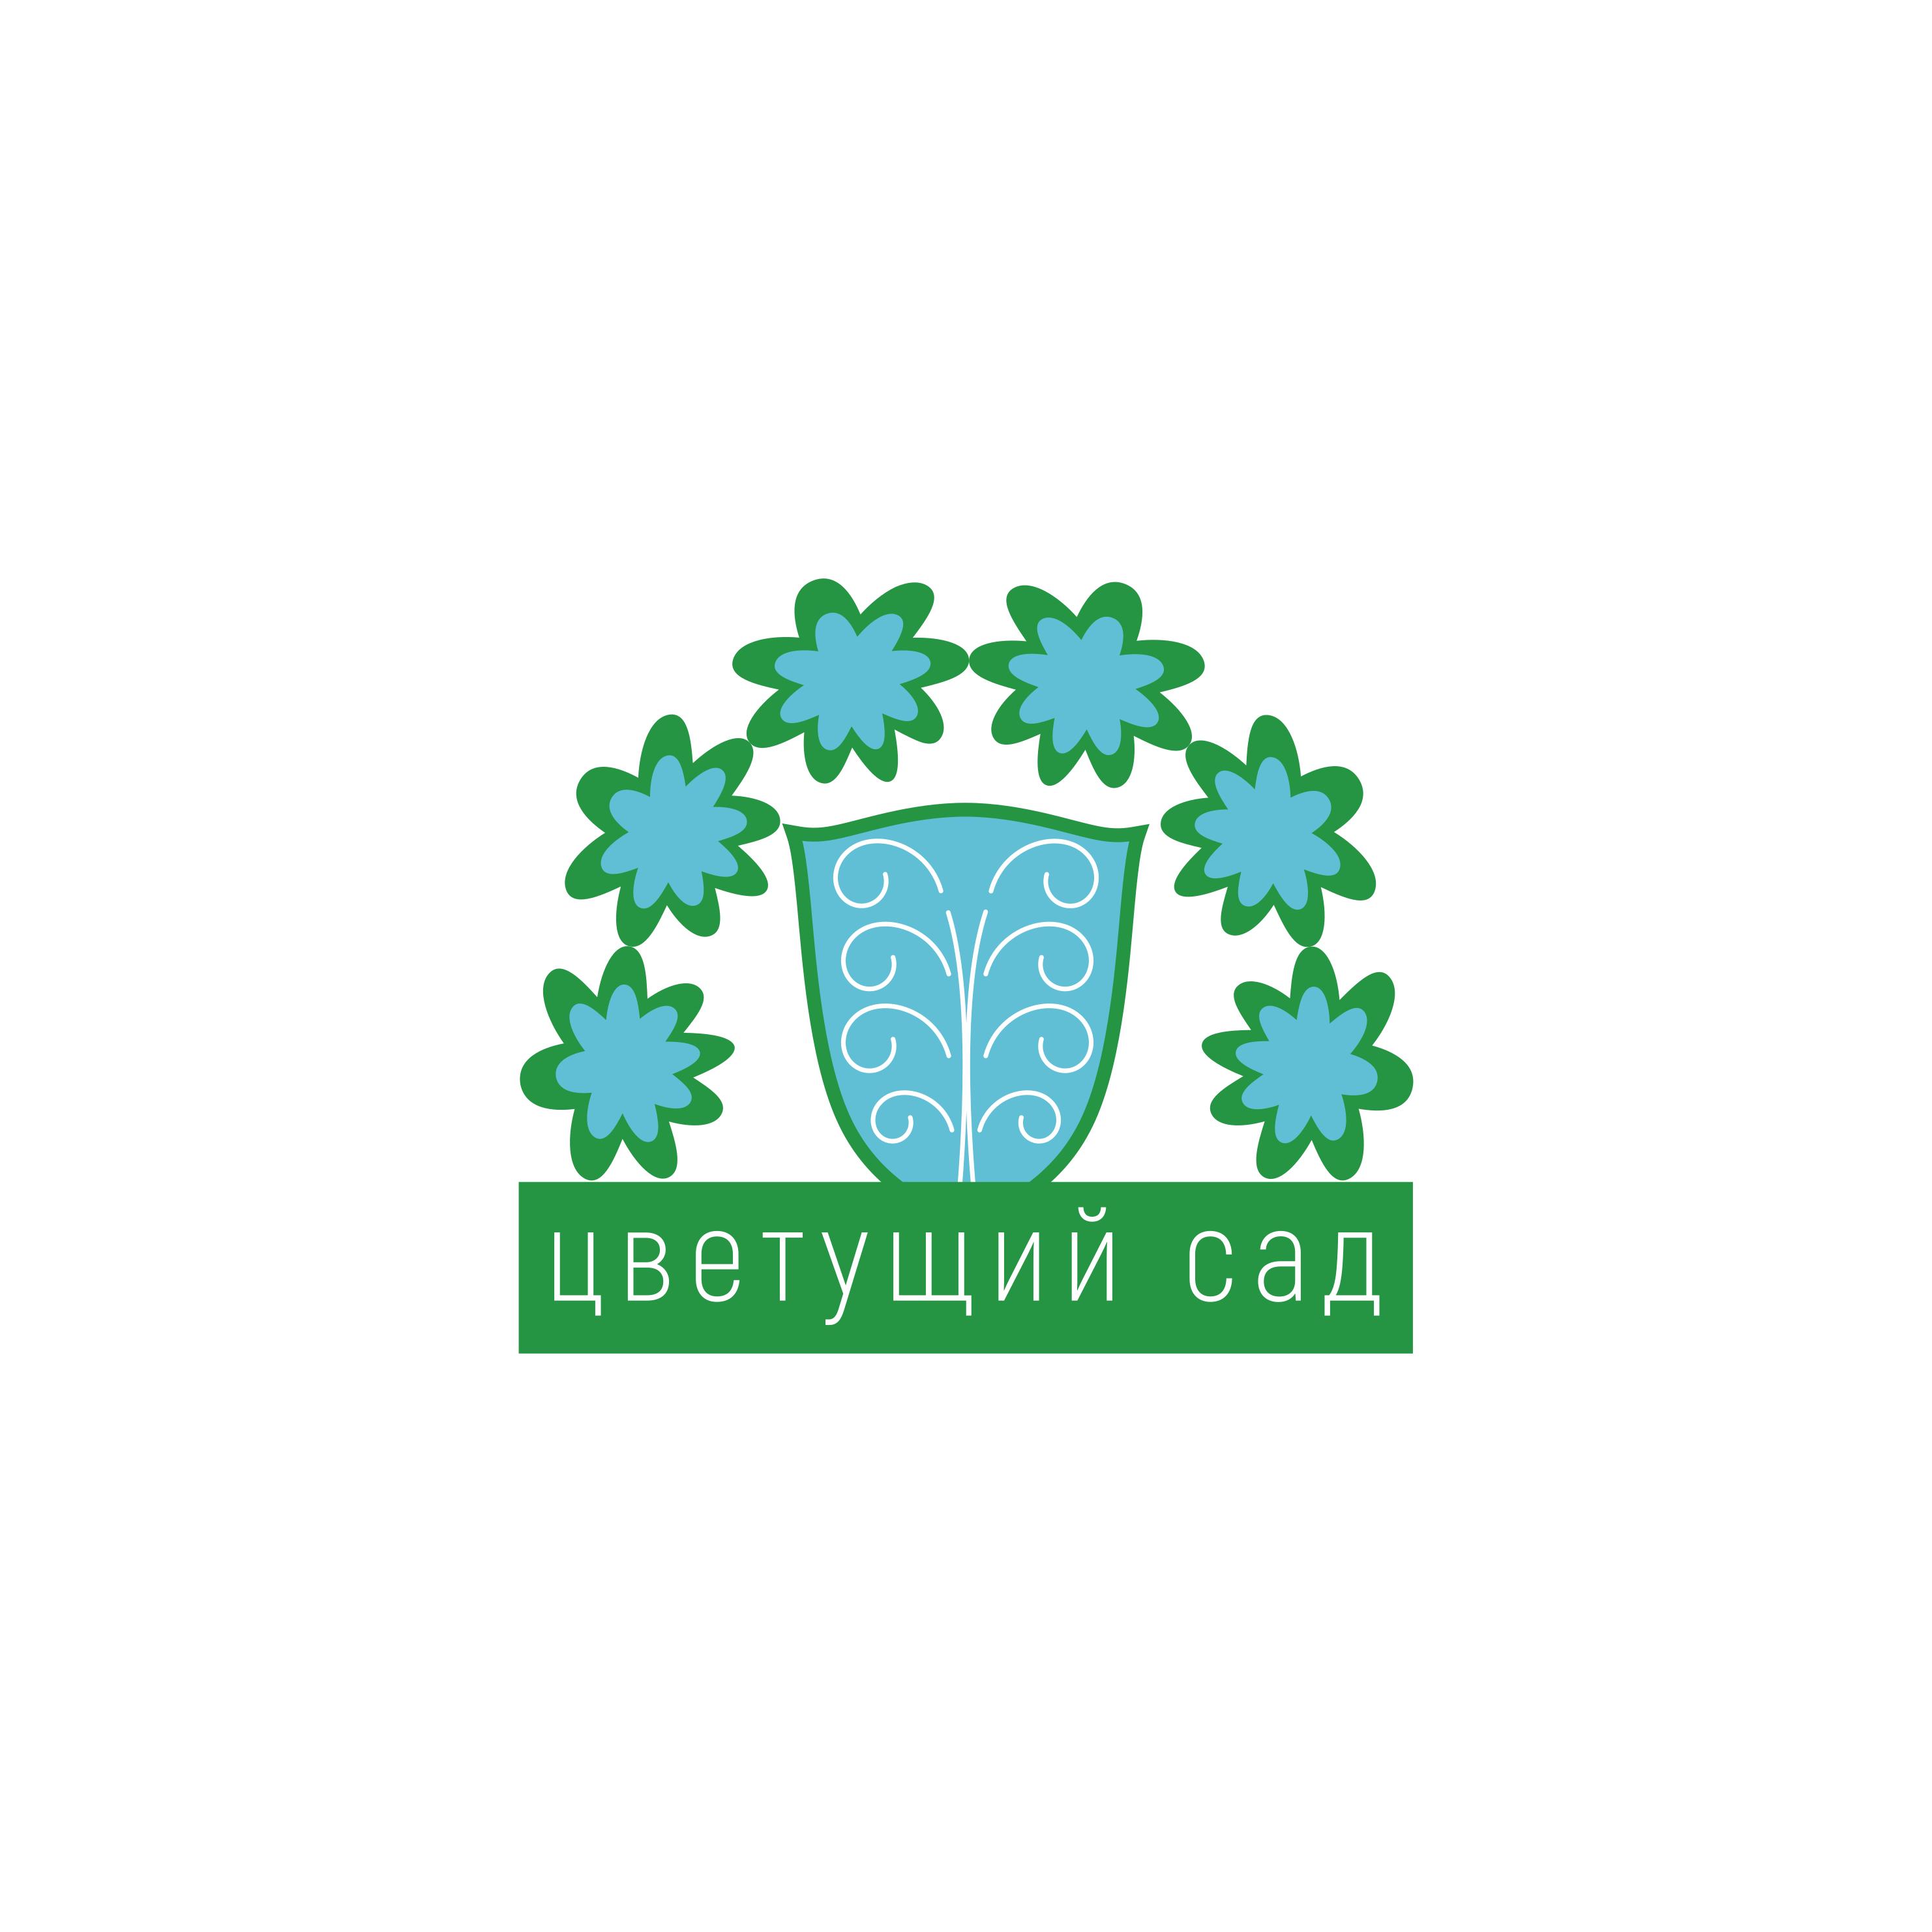 """Логотип для компании """"Цветущий сад"""" фото f_5485b69b84f5c0f6.png"""